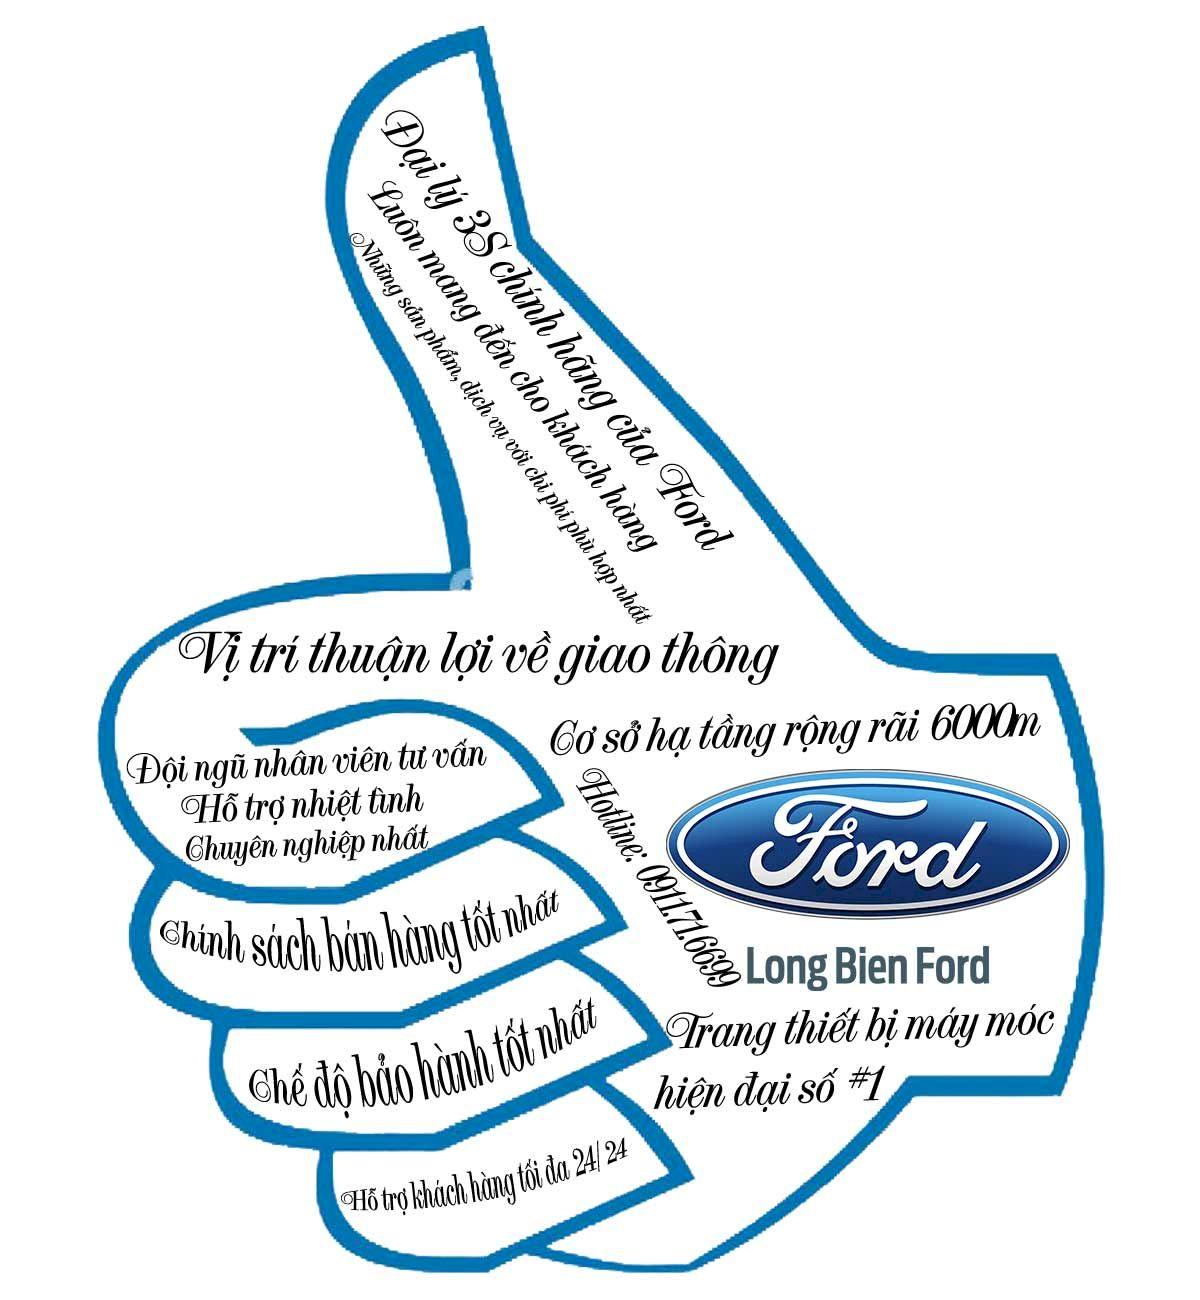 Tại sao khách hàng lại lựa chọn chúng tôi khi mua xe?